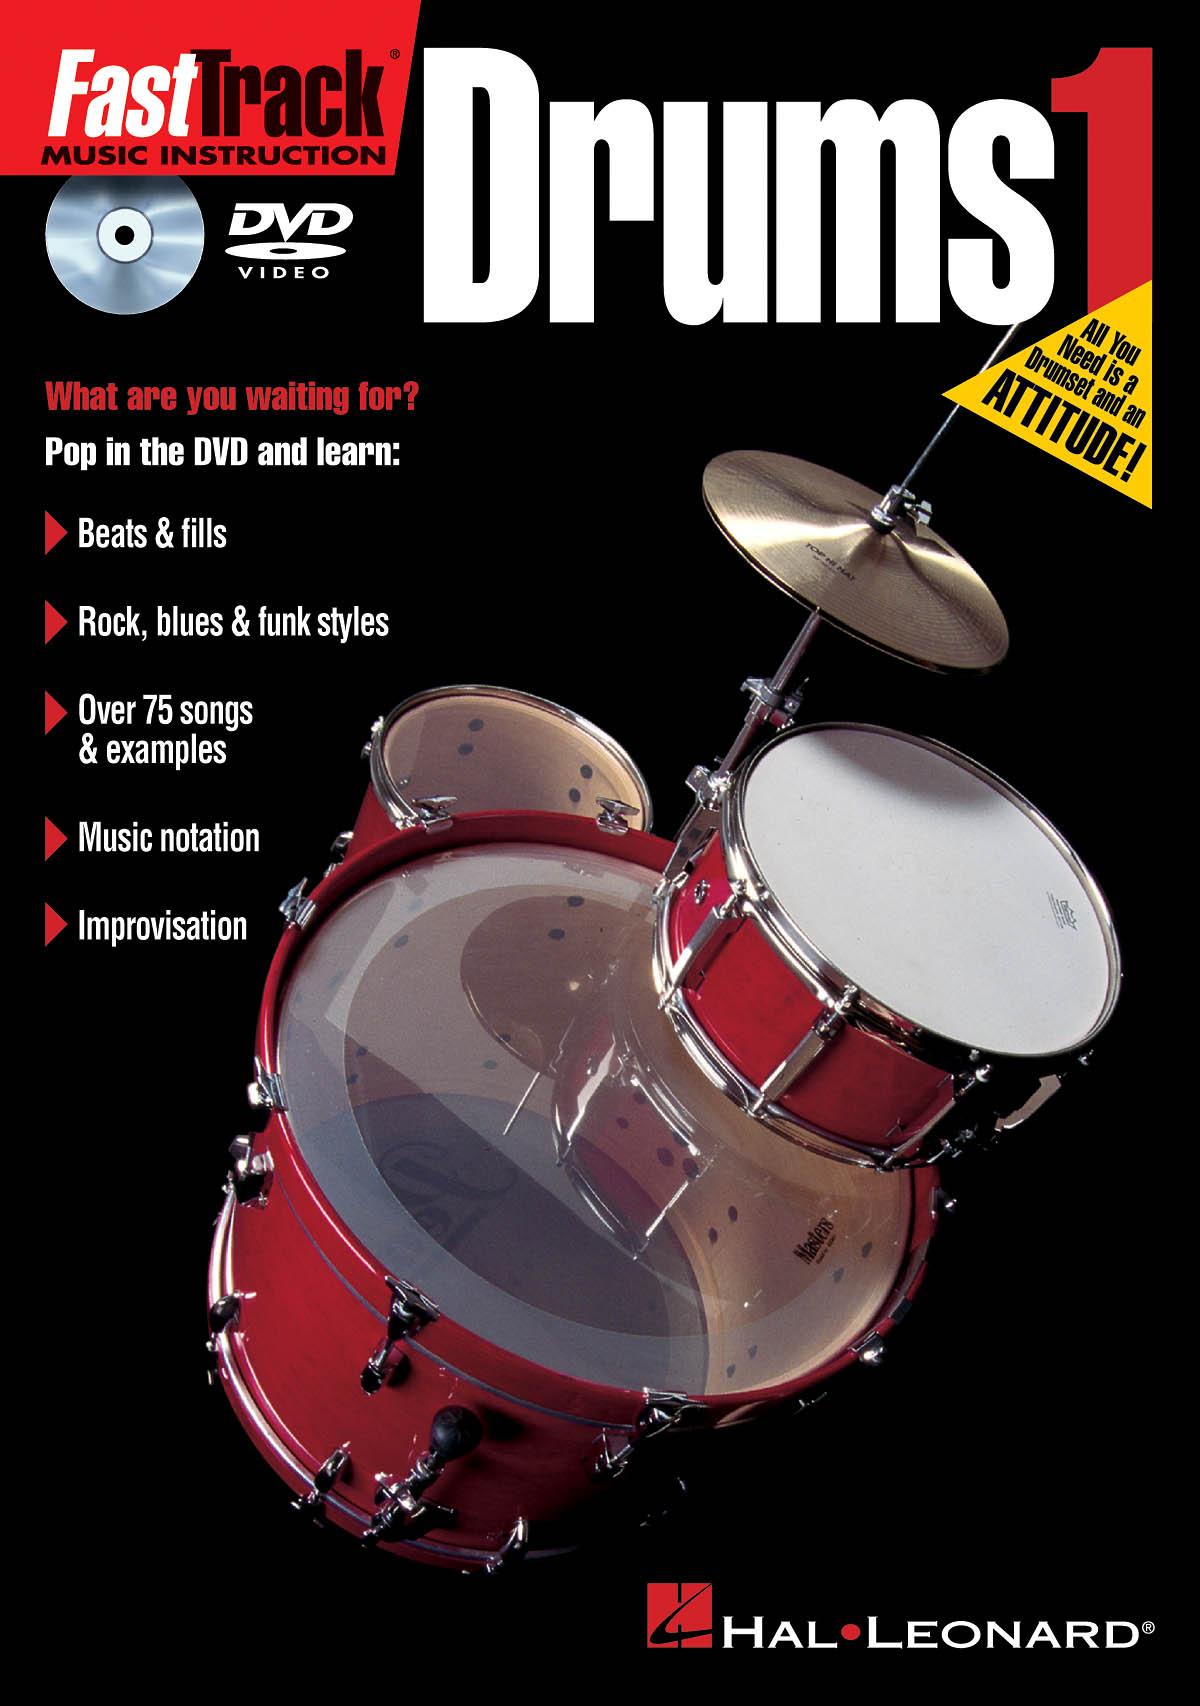 Kevin Dunphy: FastTrack - Drums Method 1 - DVD: Drums: Instrumental Tutor